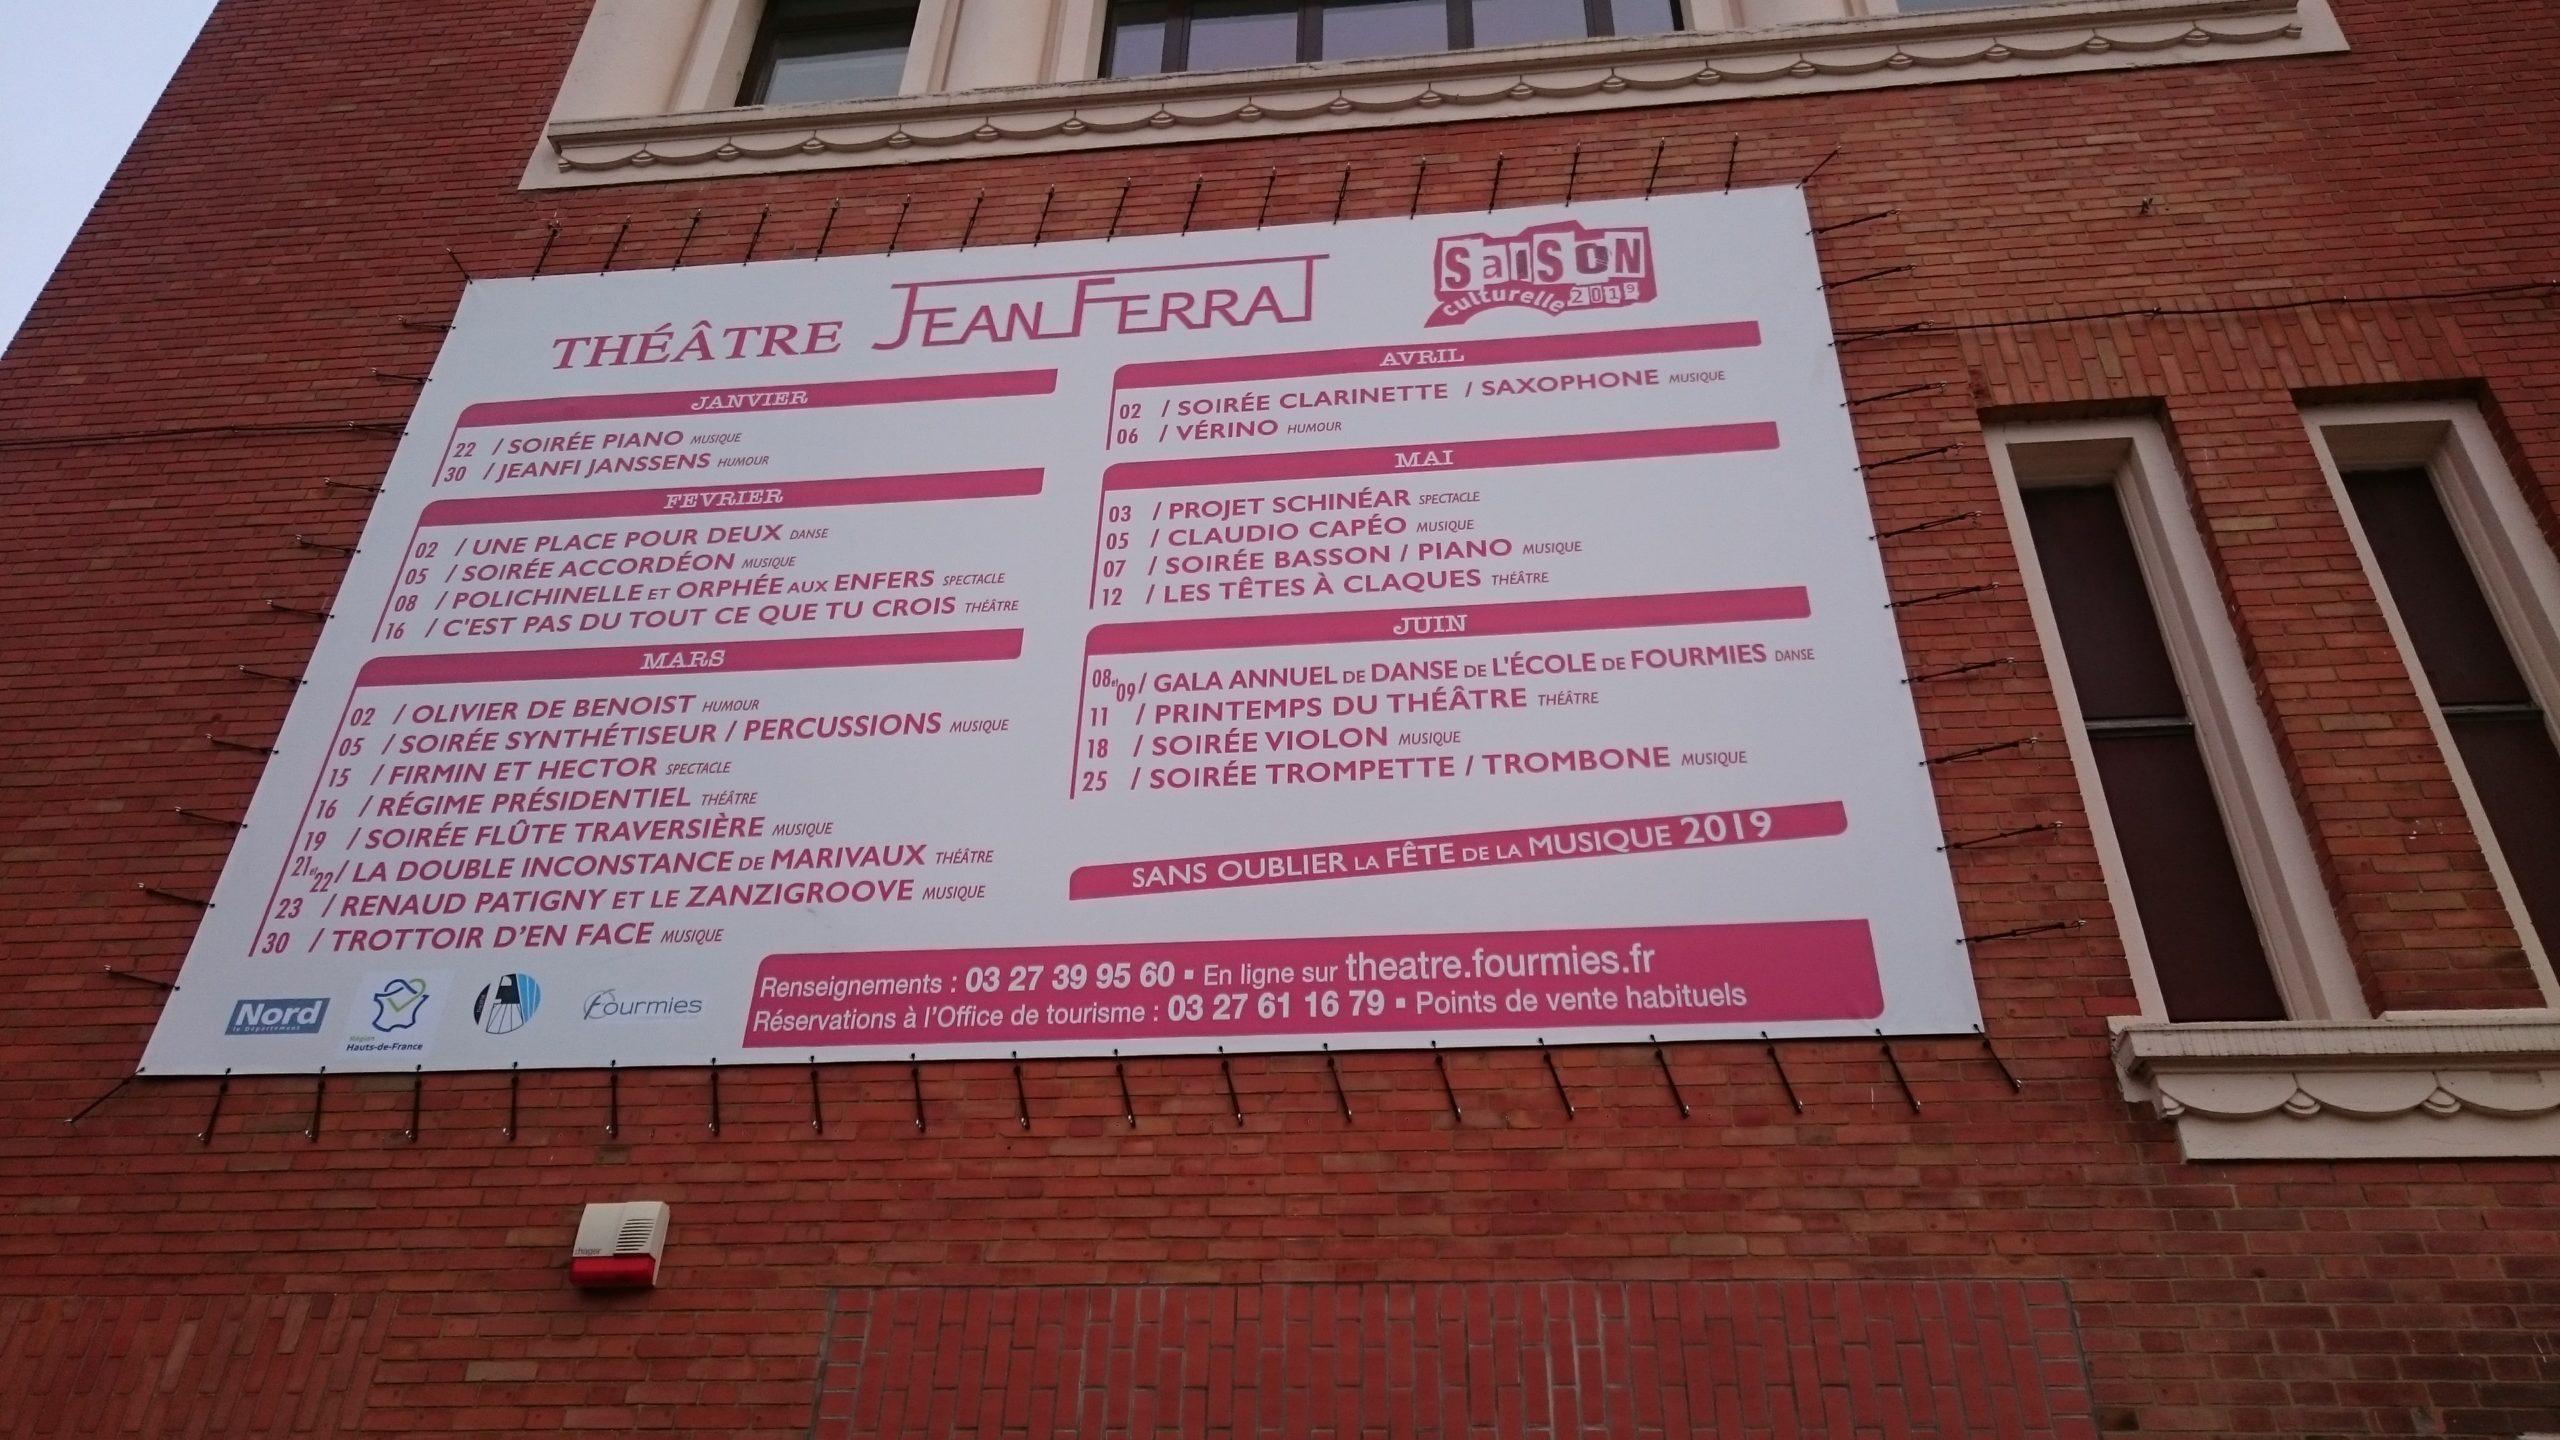 saison culturelle du Théâtre Jean Ferrat, à Fourmies